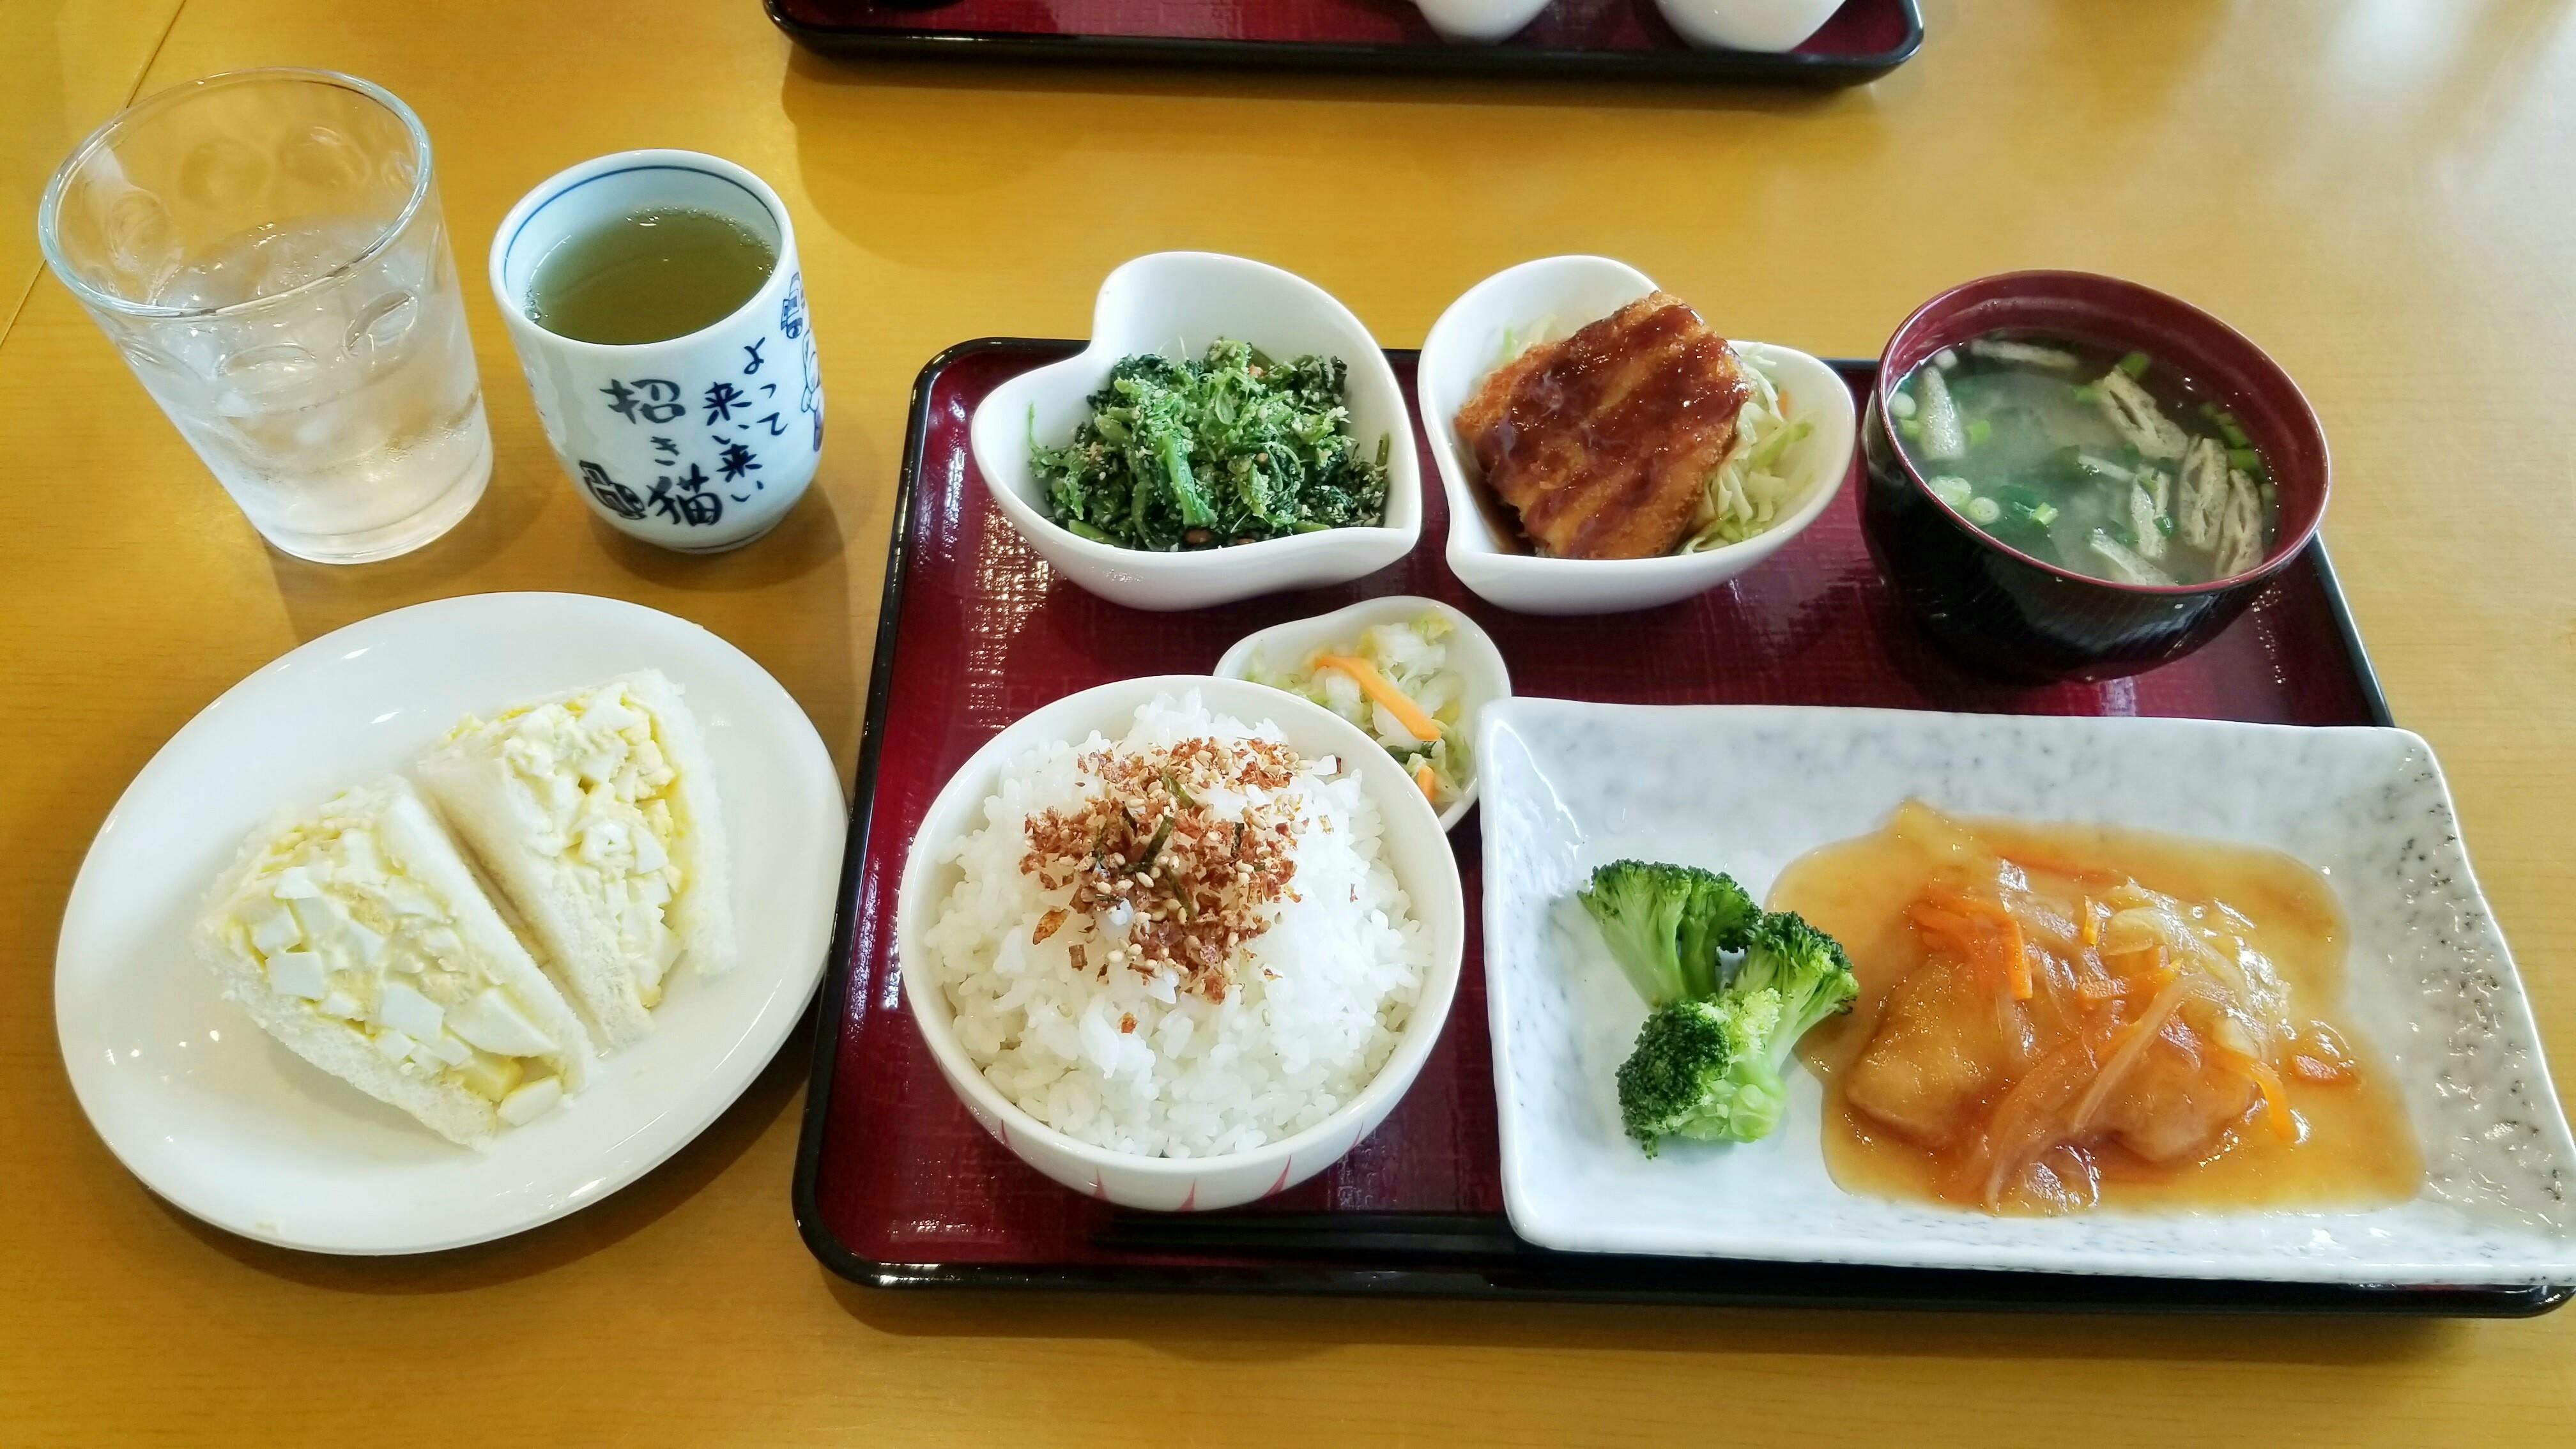 おいしい安いコスパ良い松山市ランチ定食おすすめグルメ人気ブログ